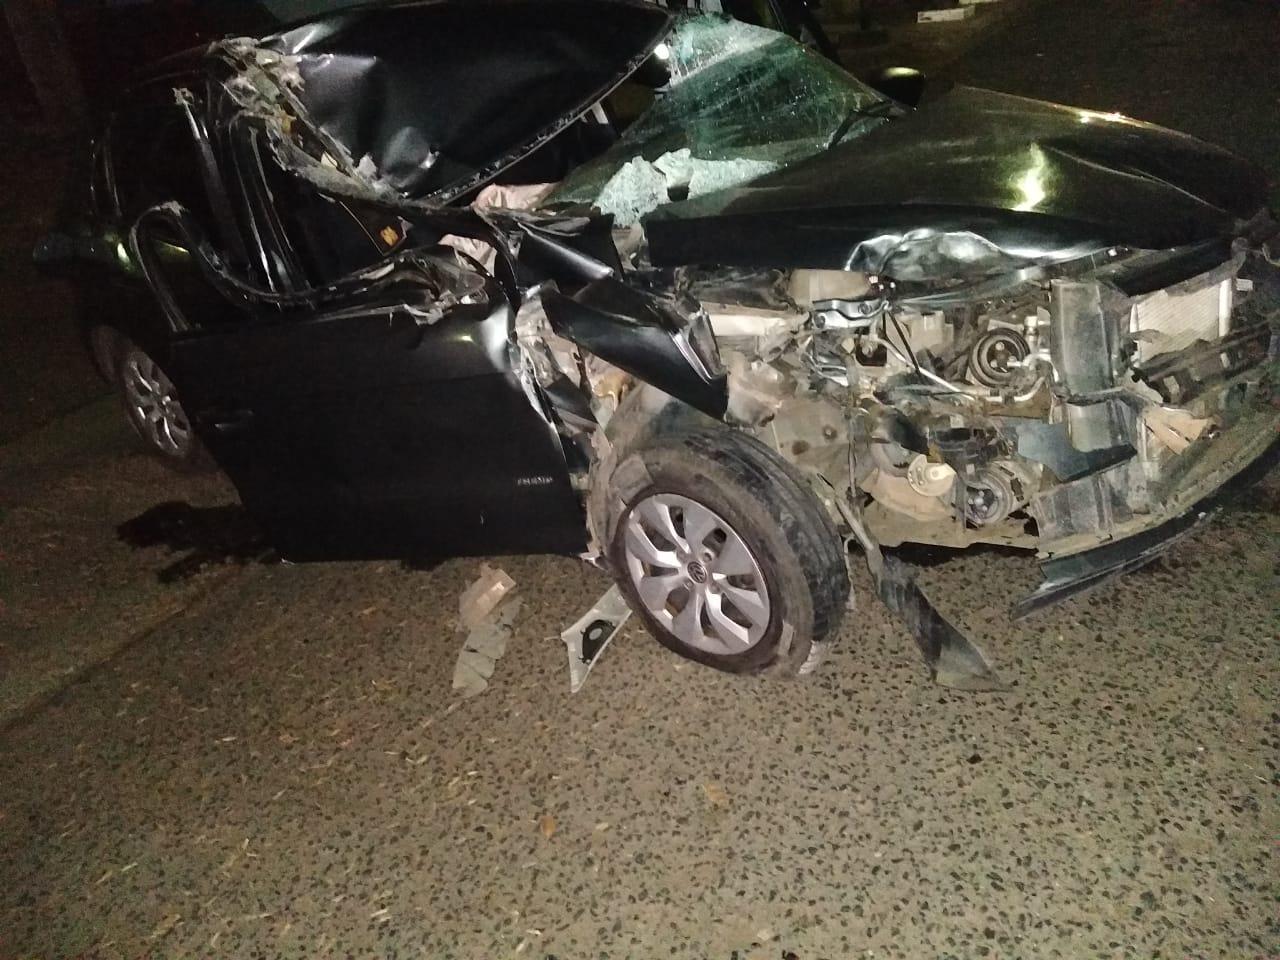 Fuerte choque en la madrugada: un auto se estrelló contra el acoplado de un camión